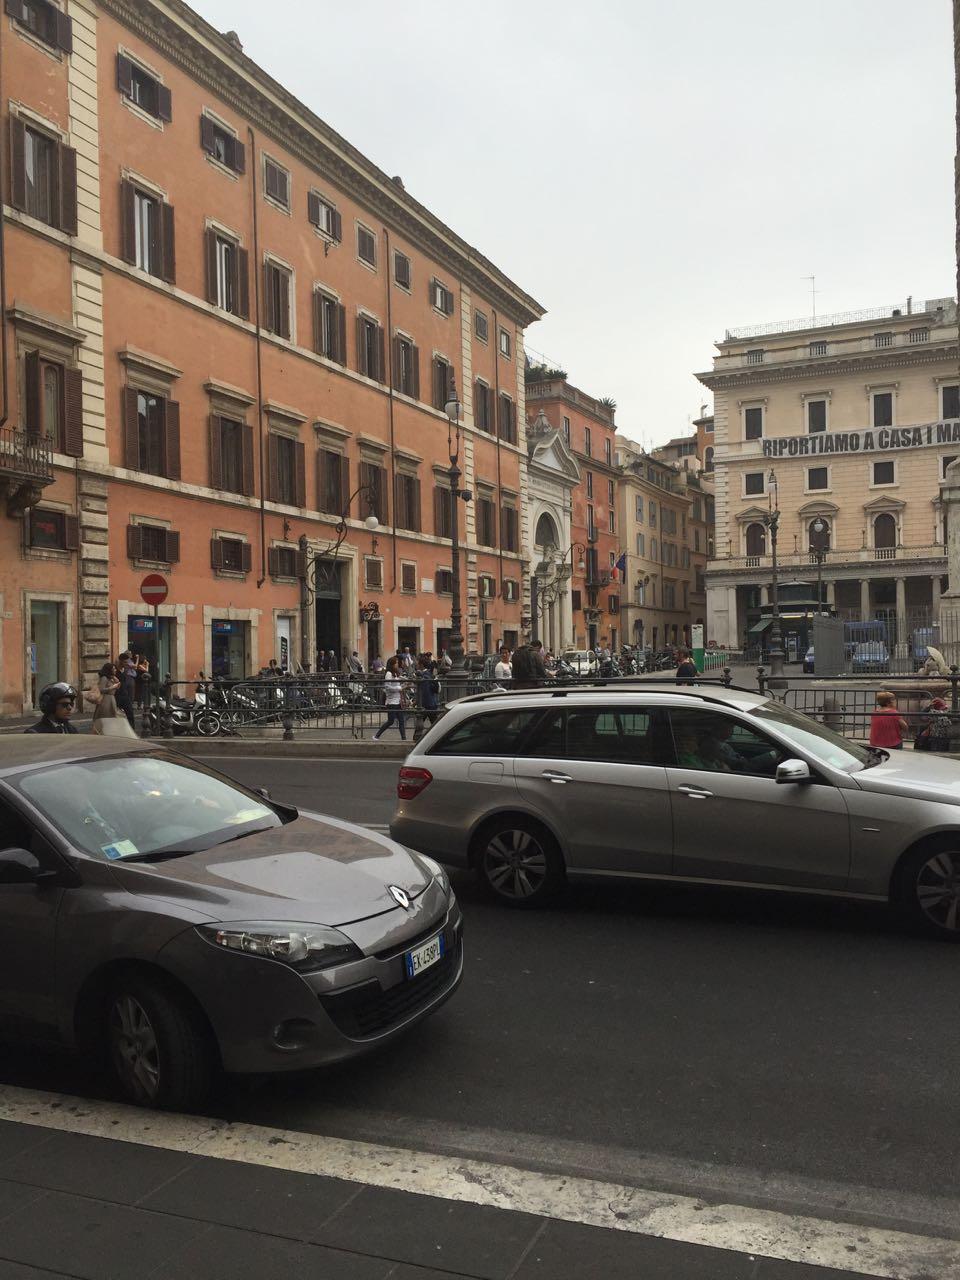 1FT Rome Italy - Campitelli - Lazio, May 20, 2015 - 27 of 75